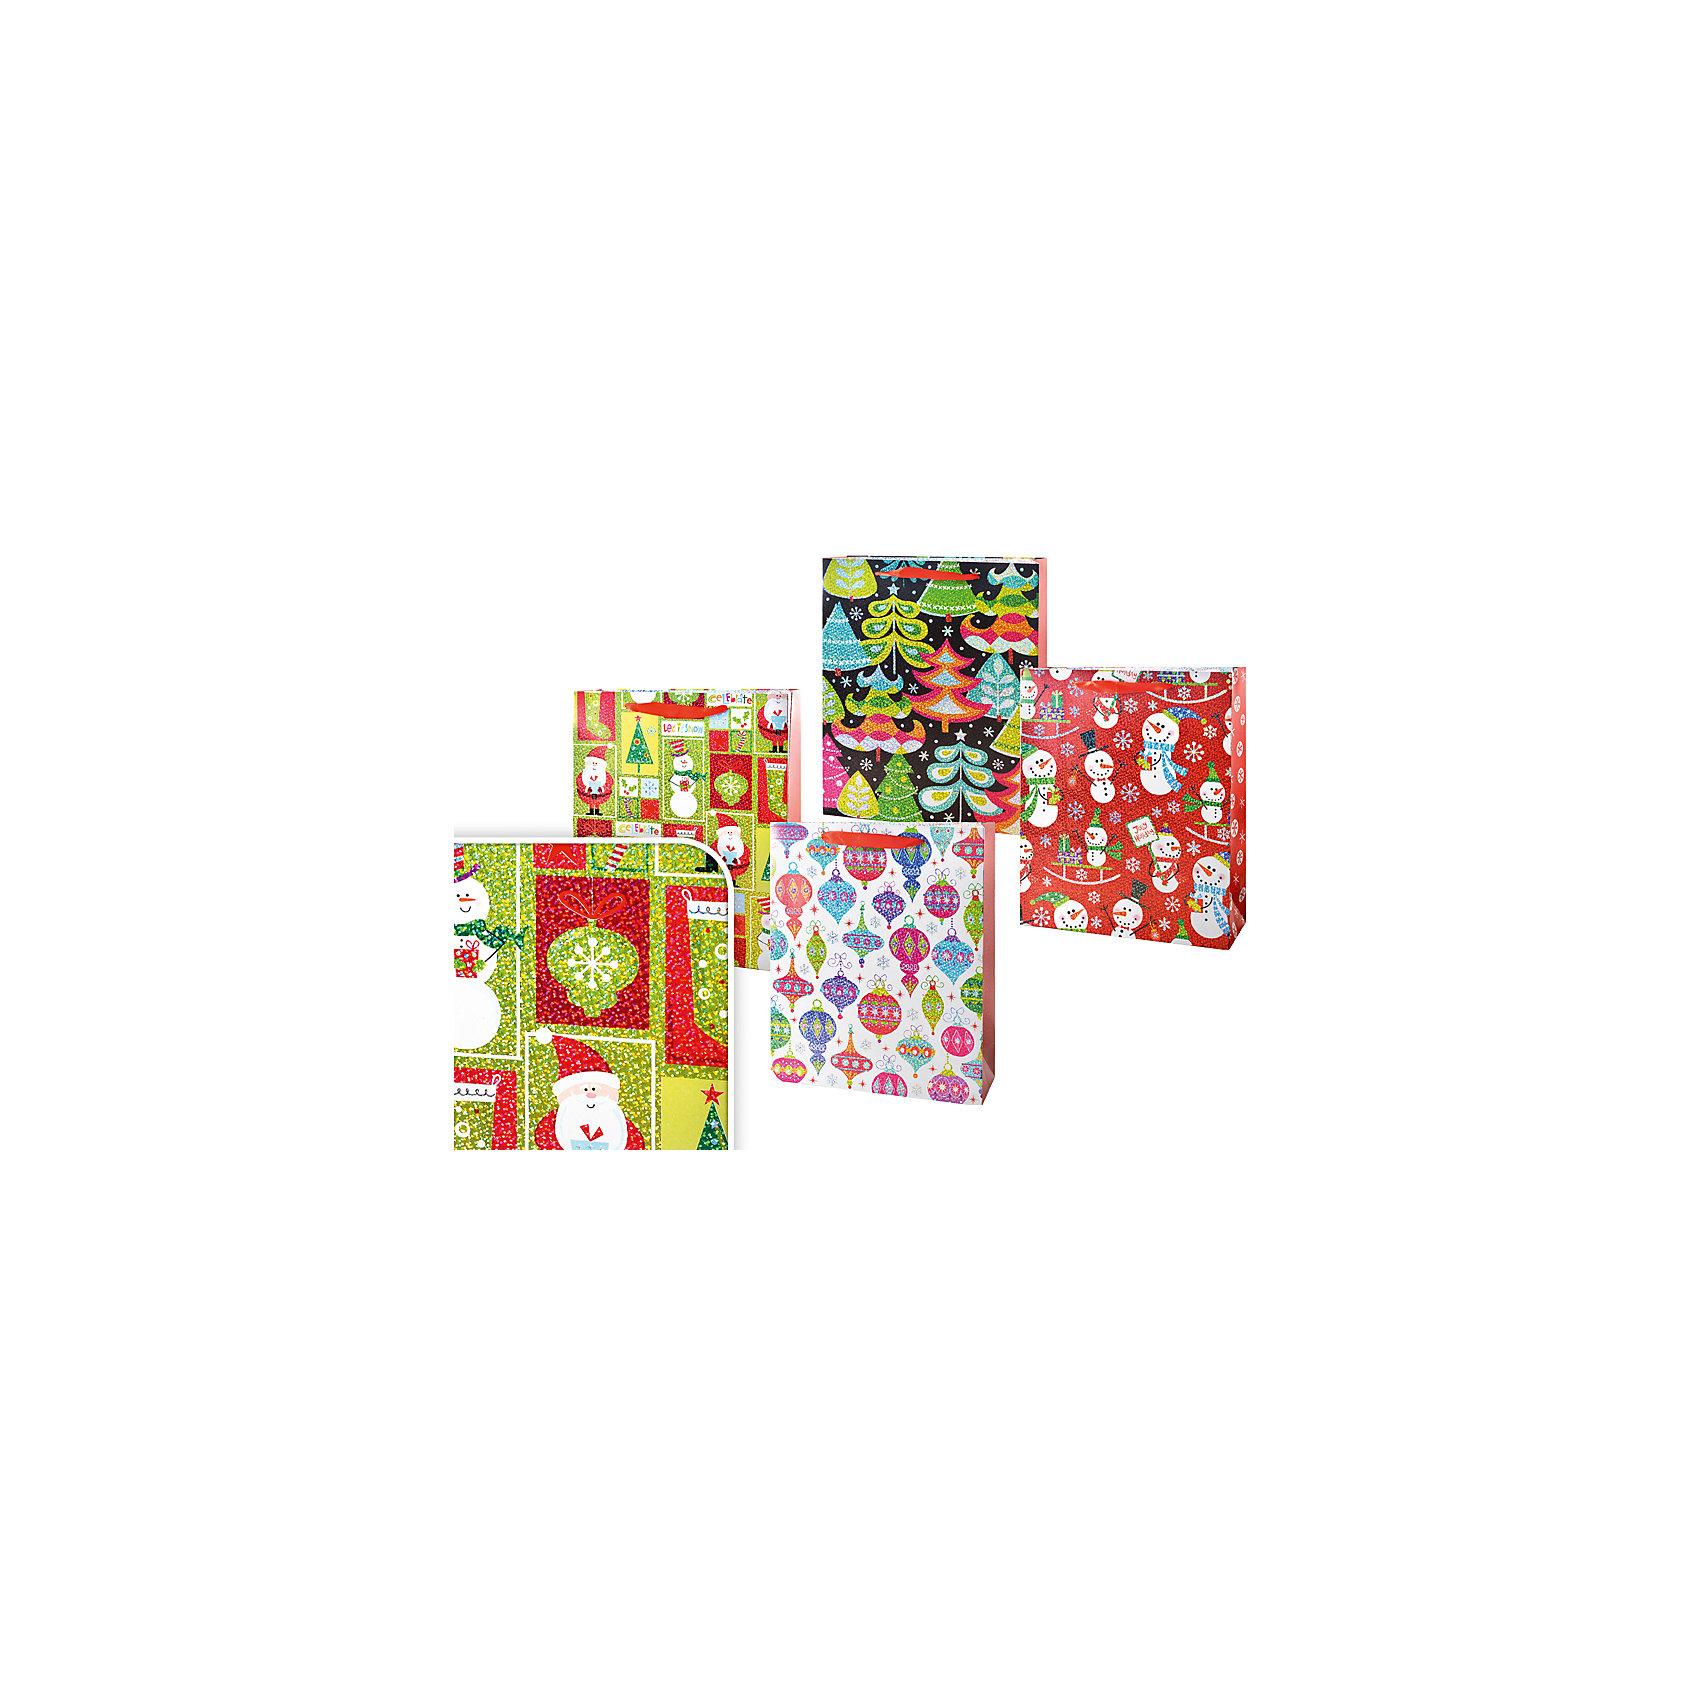 Пакет подарочный новогодний 32*26*10см,  в ассортиментеПакет подарочный новогодний 32*26*10см,  в ассортименте с ярким дизайном станет незаменимым дополнением к выбранному подарку, подчеркивая его, и добавит праздничного настроения. Упаковка подарков в пакеты – удобно и просто. Пакет выполнен из плотной бумаги, для удобной переноски имеются две ручки.<br><br>Дополнительная информация:<br>-Материалы: бумага, текстиль<br>-Размеры: 32х26х10 см<br>-Вес в упаковке: 80 г<br>-В ассортименте: 5 вариантов (Внимание! Заранее выбрать невозможно, при заказе нескольких возможно получение одинаковых)<br><br>Новогодний подарок, преподнесенный в оригинальном подарочном пакете, всегда будет самым эффектным и запоминающимся!<br><br>Пакет подарочный новогодний 32*26*10см,  в ассортименте можно купить в нашем магазине.<br><br>Ширина мм: 320<br>Глубина мм: 260<br>Высота мм: 100<br>Вес г: 80<br>Возраст от месяцев: 36<br>Возраст до месяцев: 1188<br>Пол: Унисекс<br>Возраст: Детский<br>SKU: 4250999